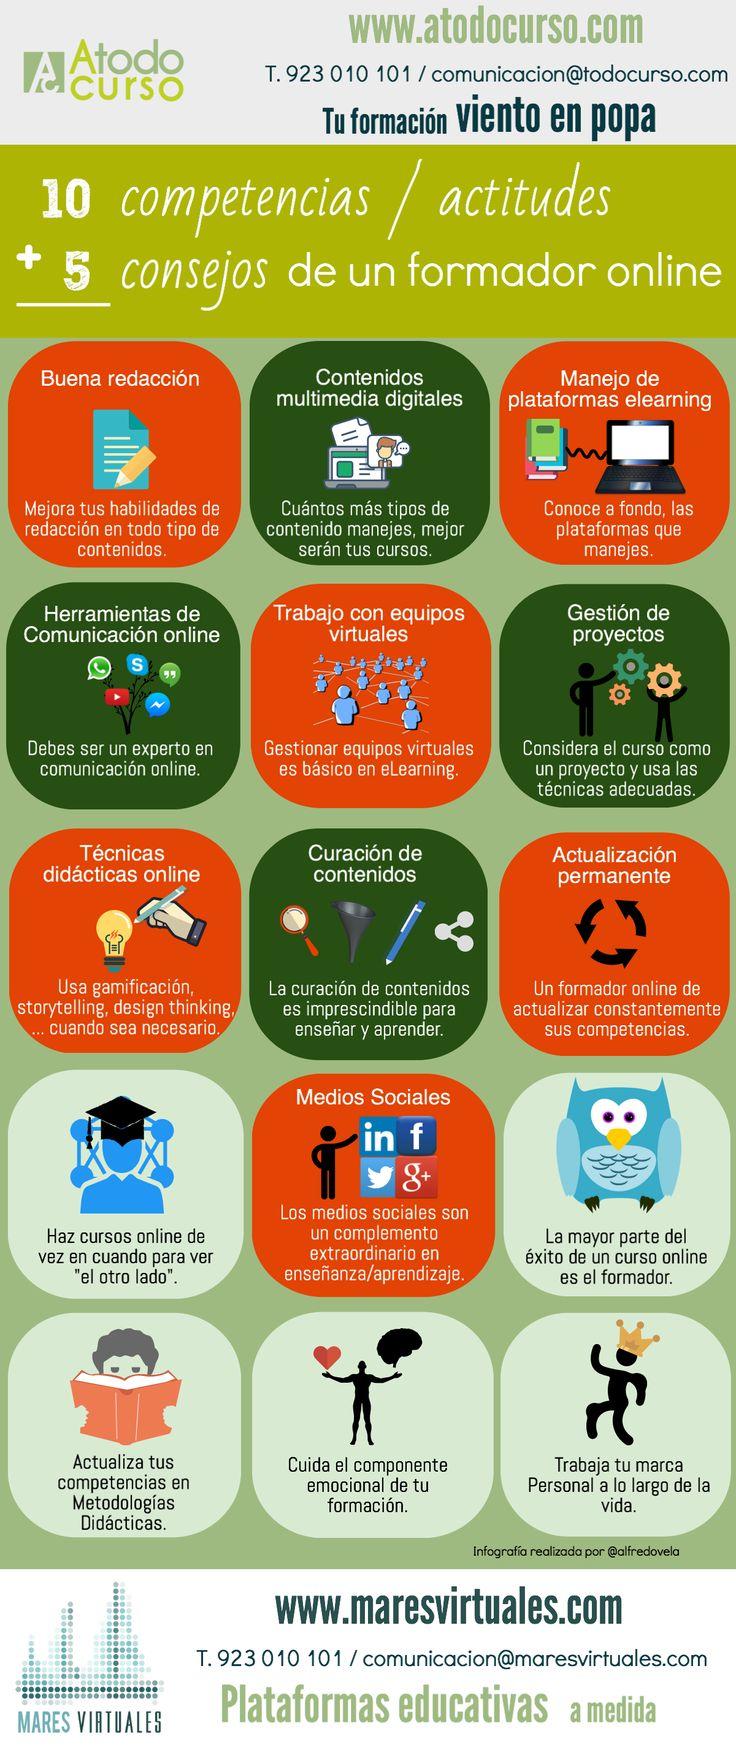 Infografía: 10 competencias + 5 consejos de un formador online   A Todo Curso